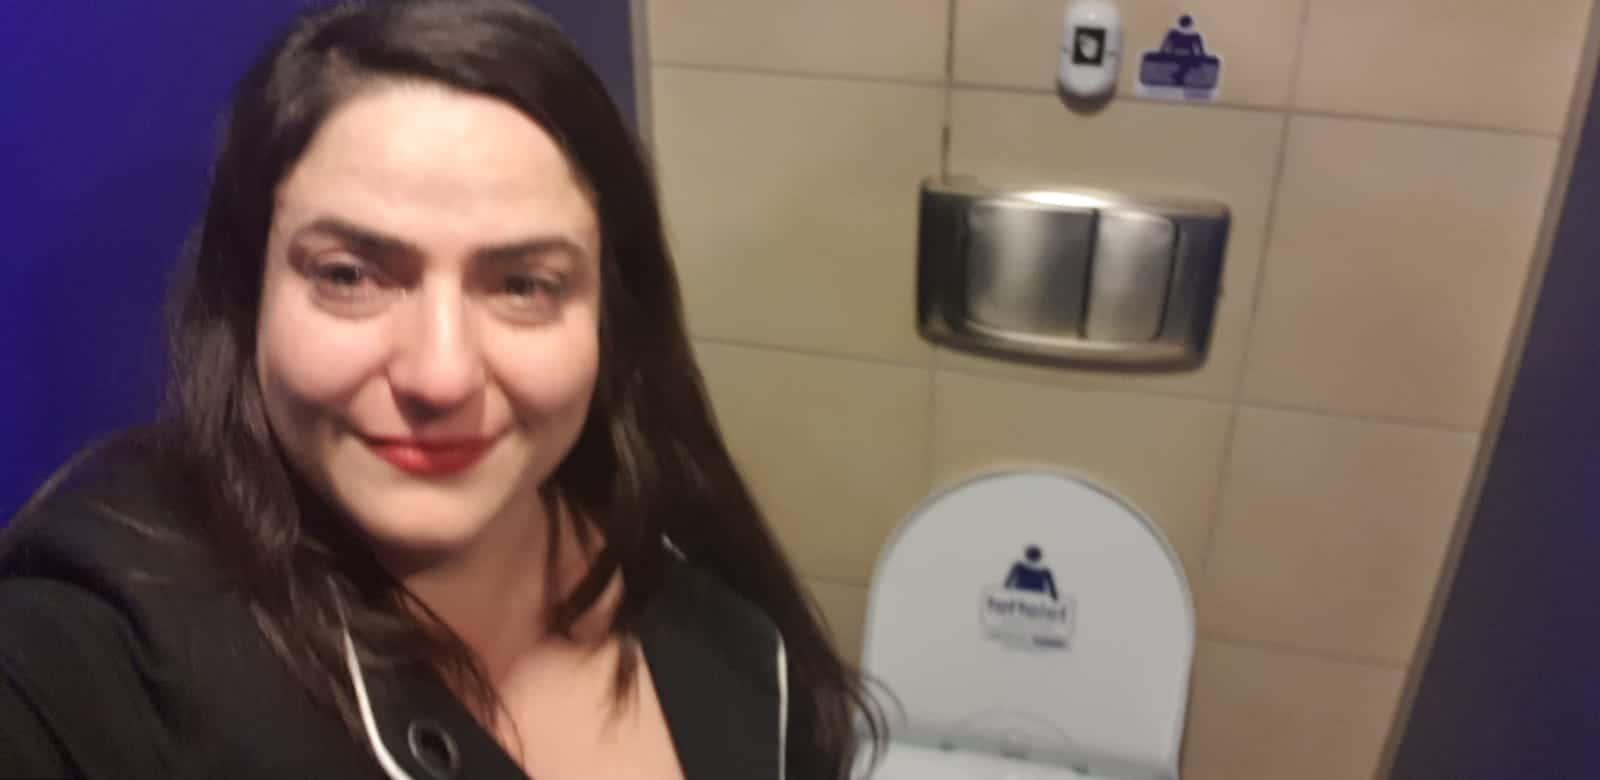 """ח""""כ מיכל בירן בשירותים של הכנסת אחרי שגילתה שהיא בהיריון. צילום עצמי"""